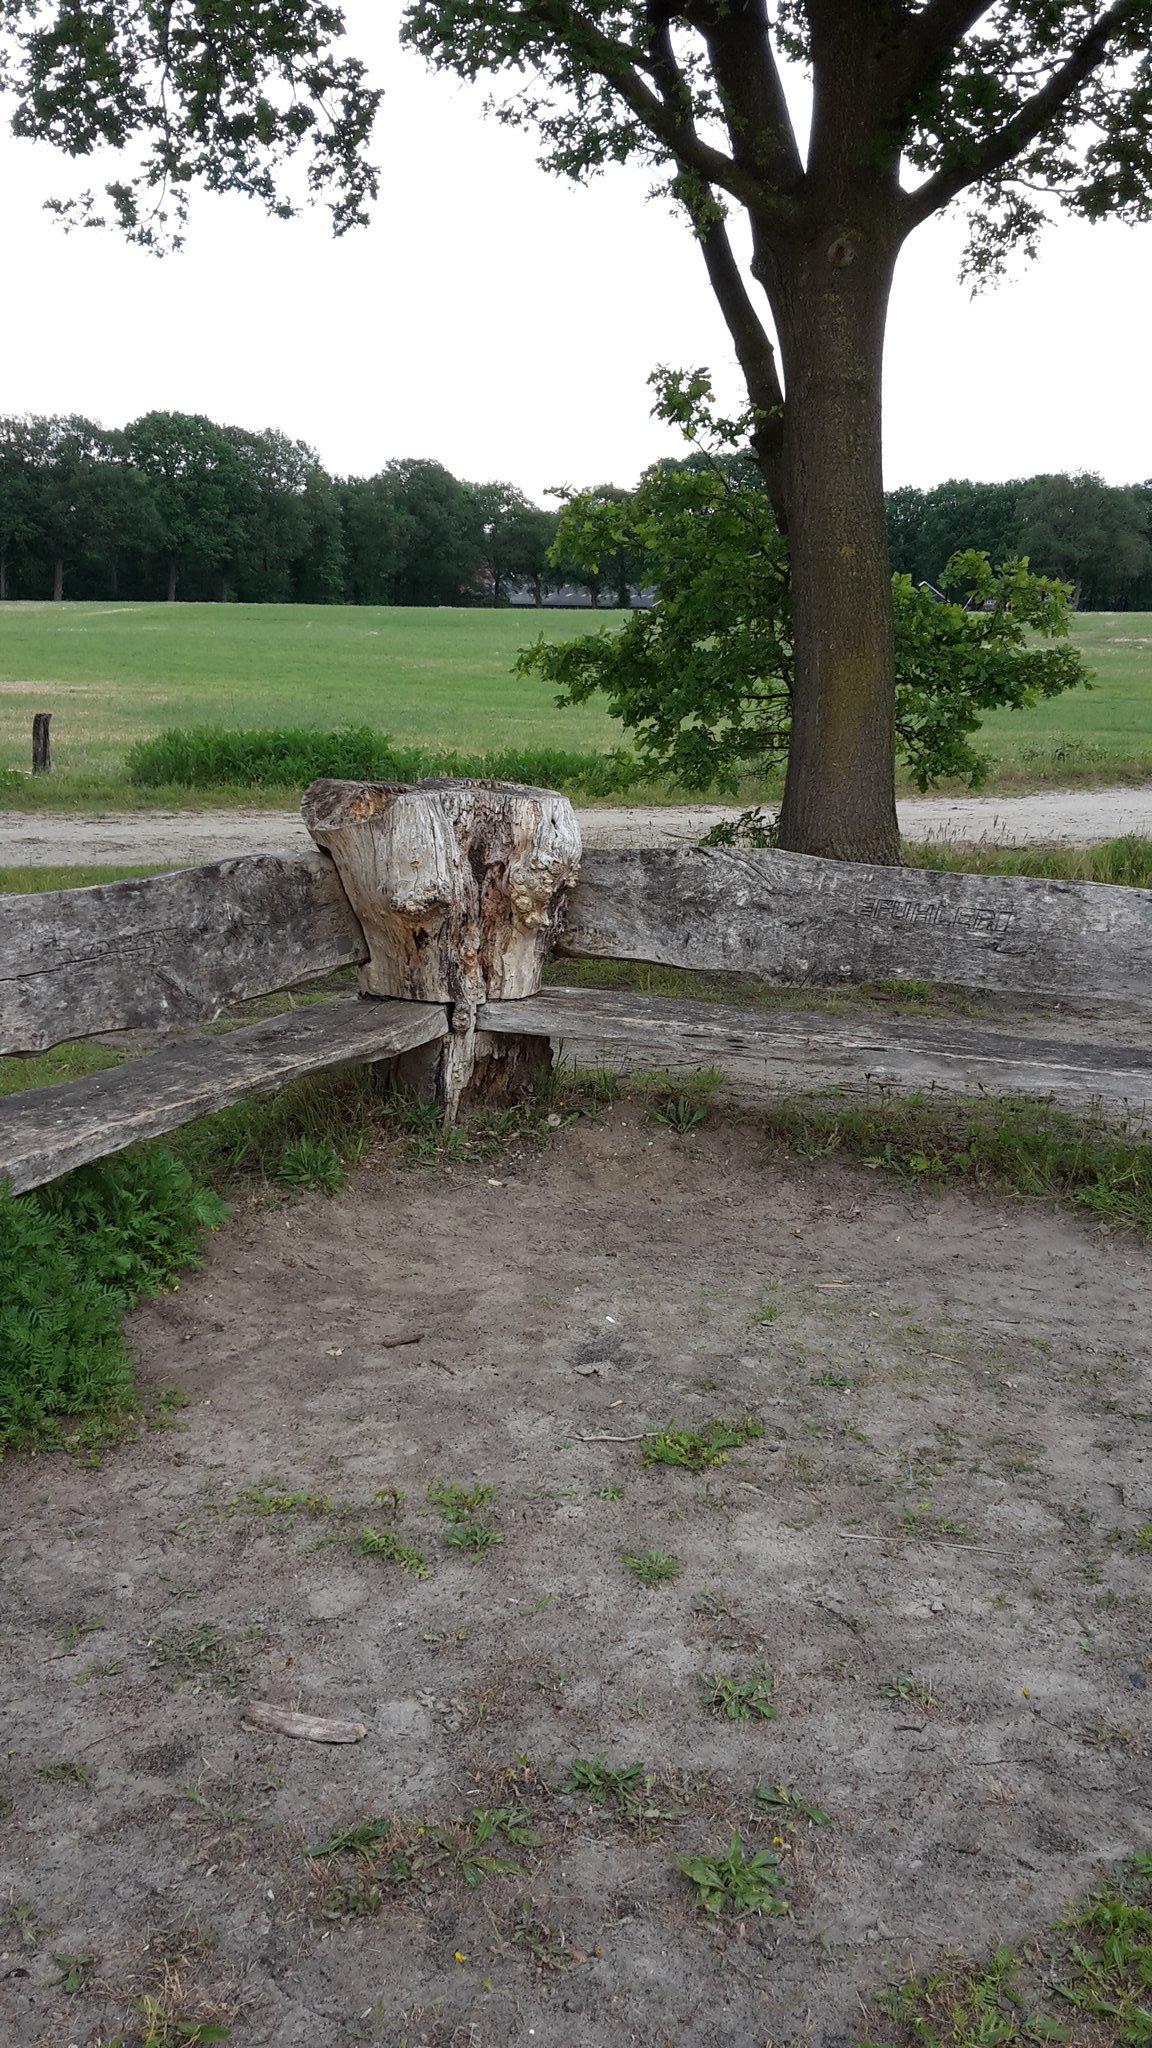 rt-harmsenam-wandelbankjes-vasse-https-t-co-lpx5rvd7wp